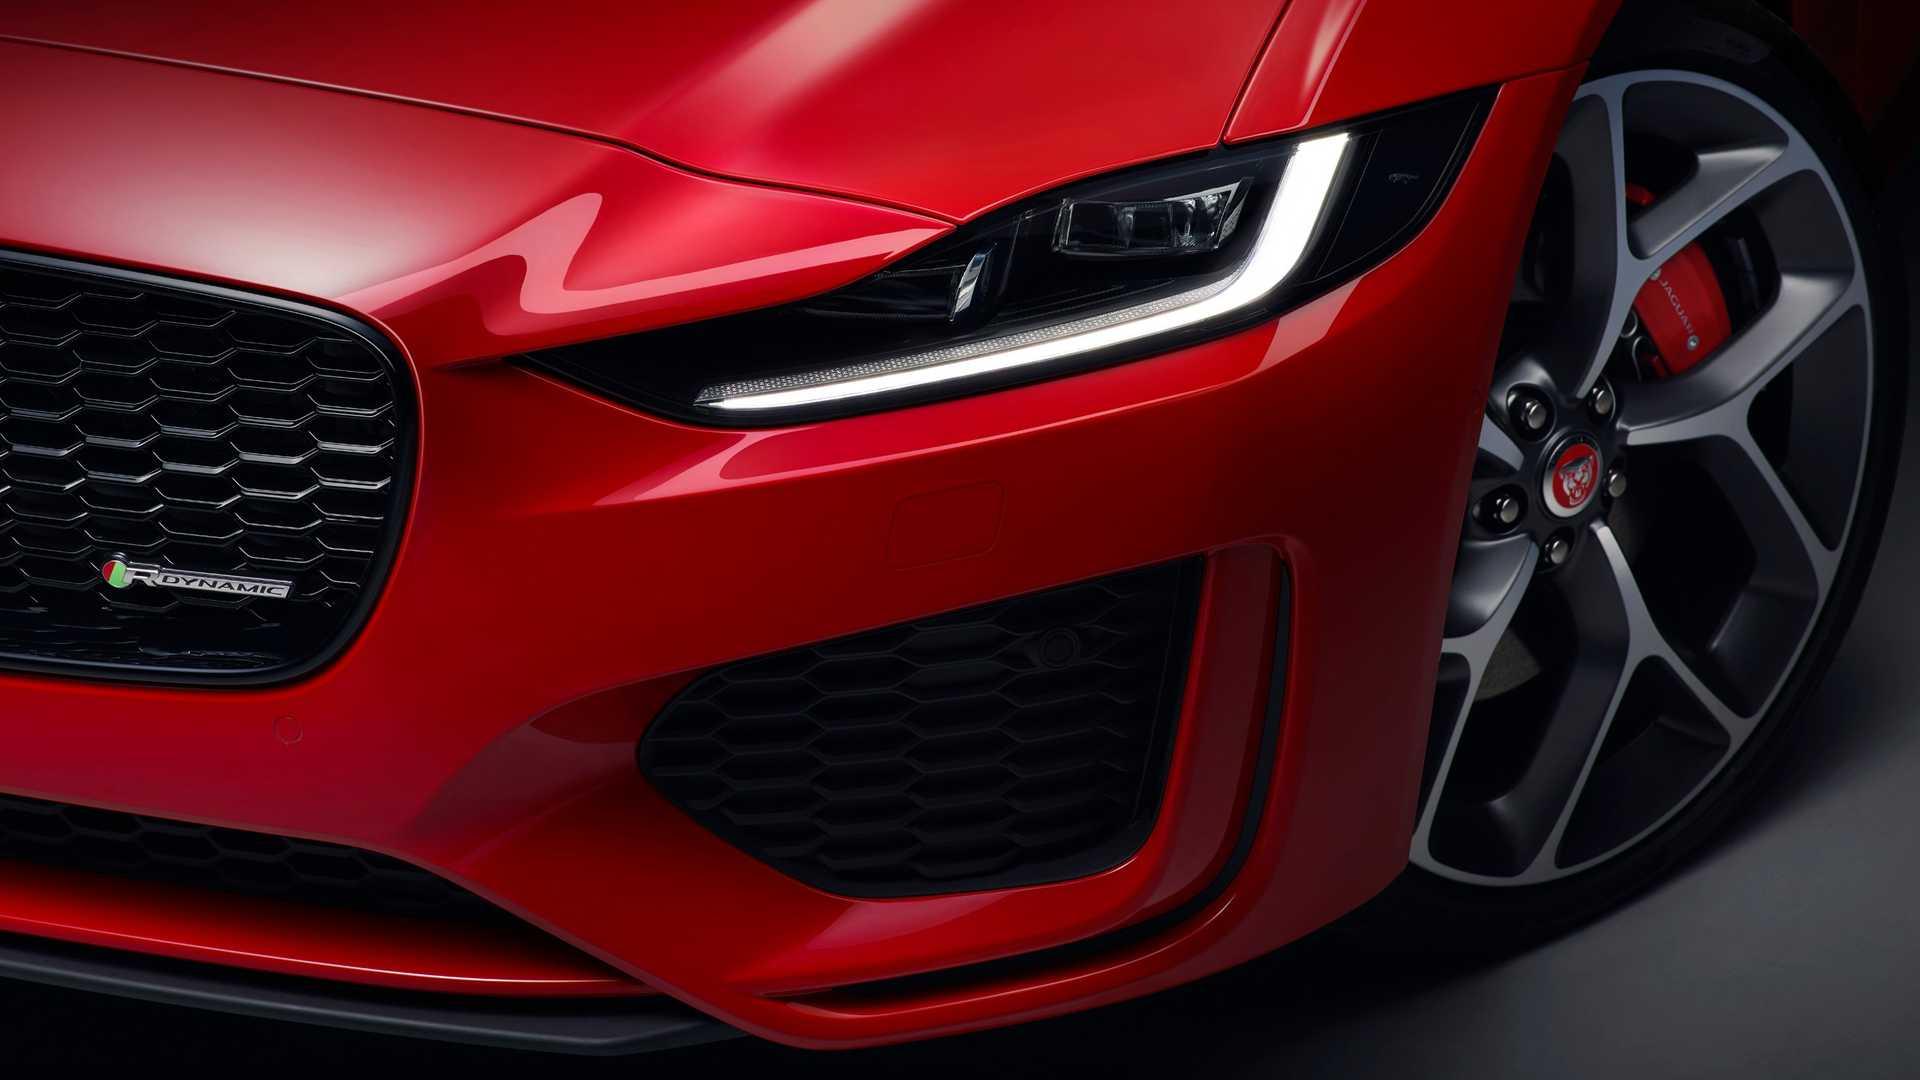 2020 Jaguar XE Headlight Wallpaper (8)